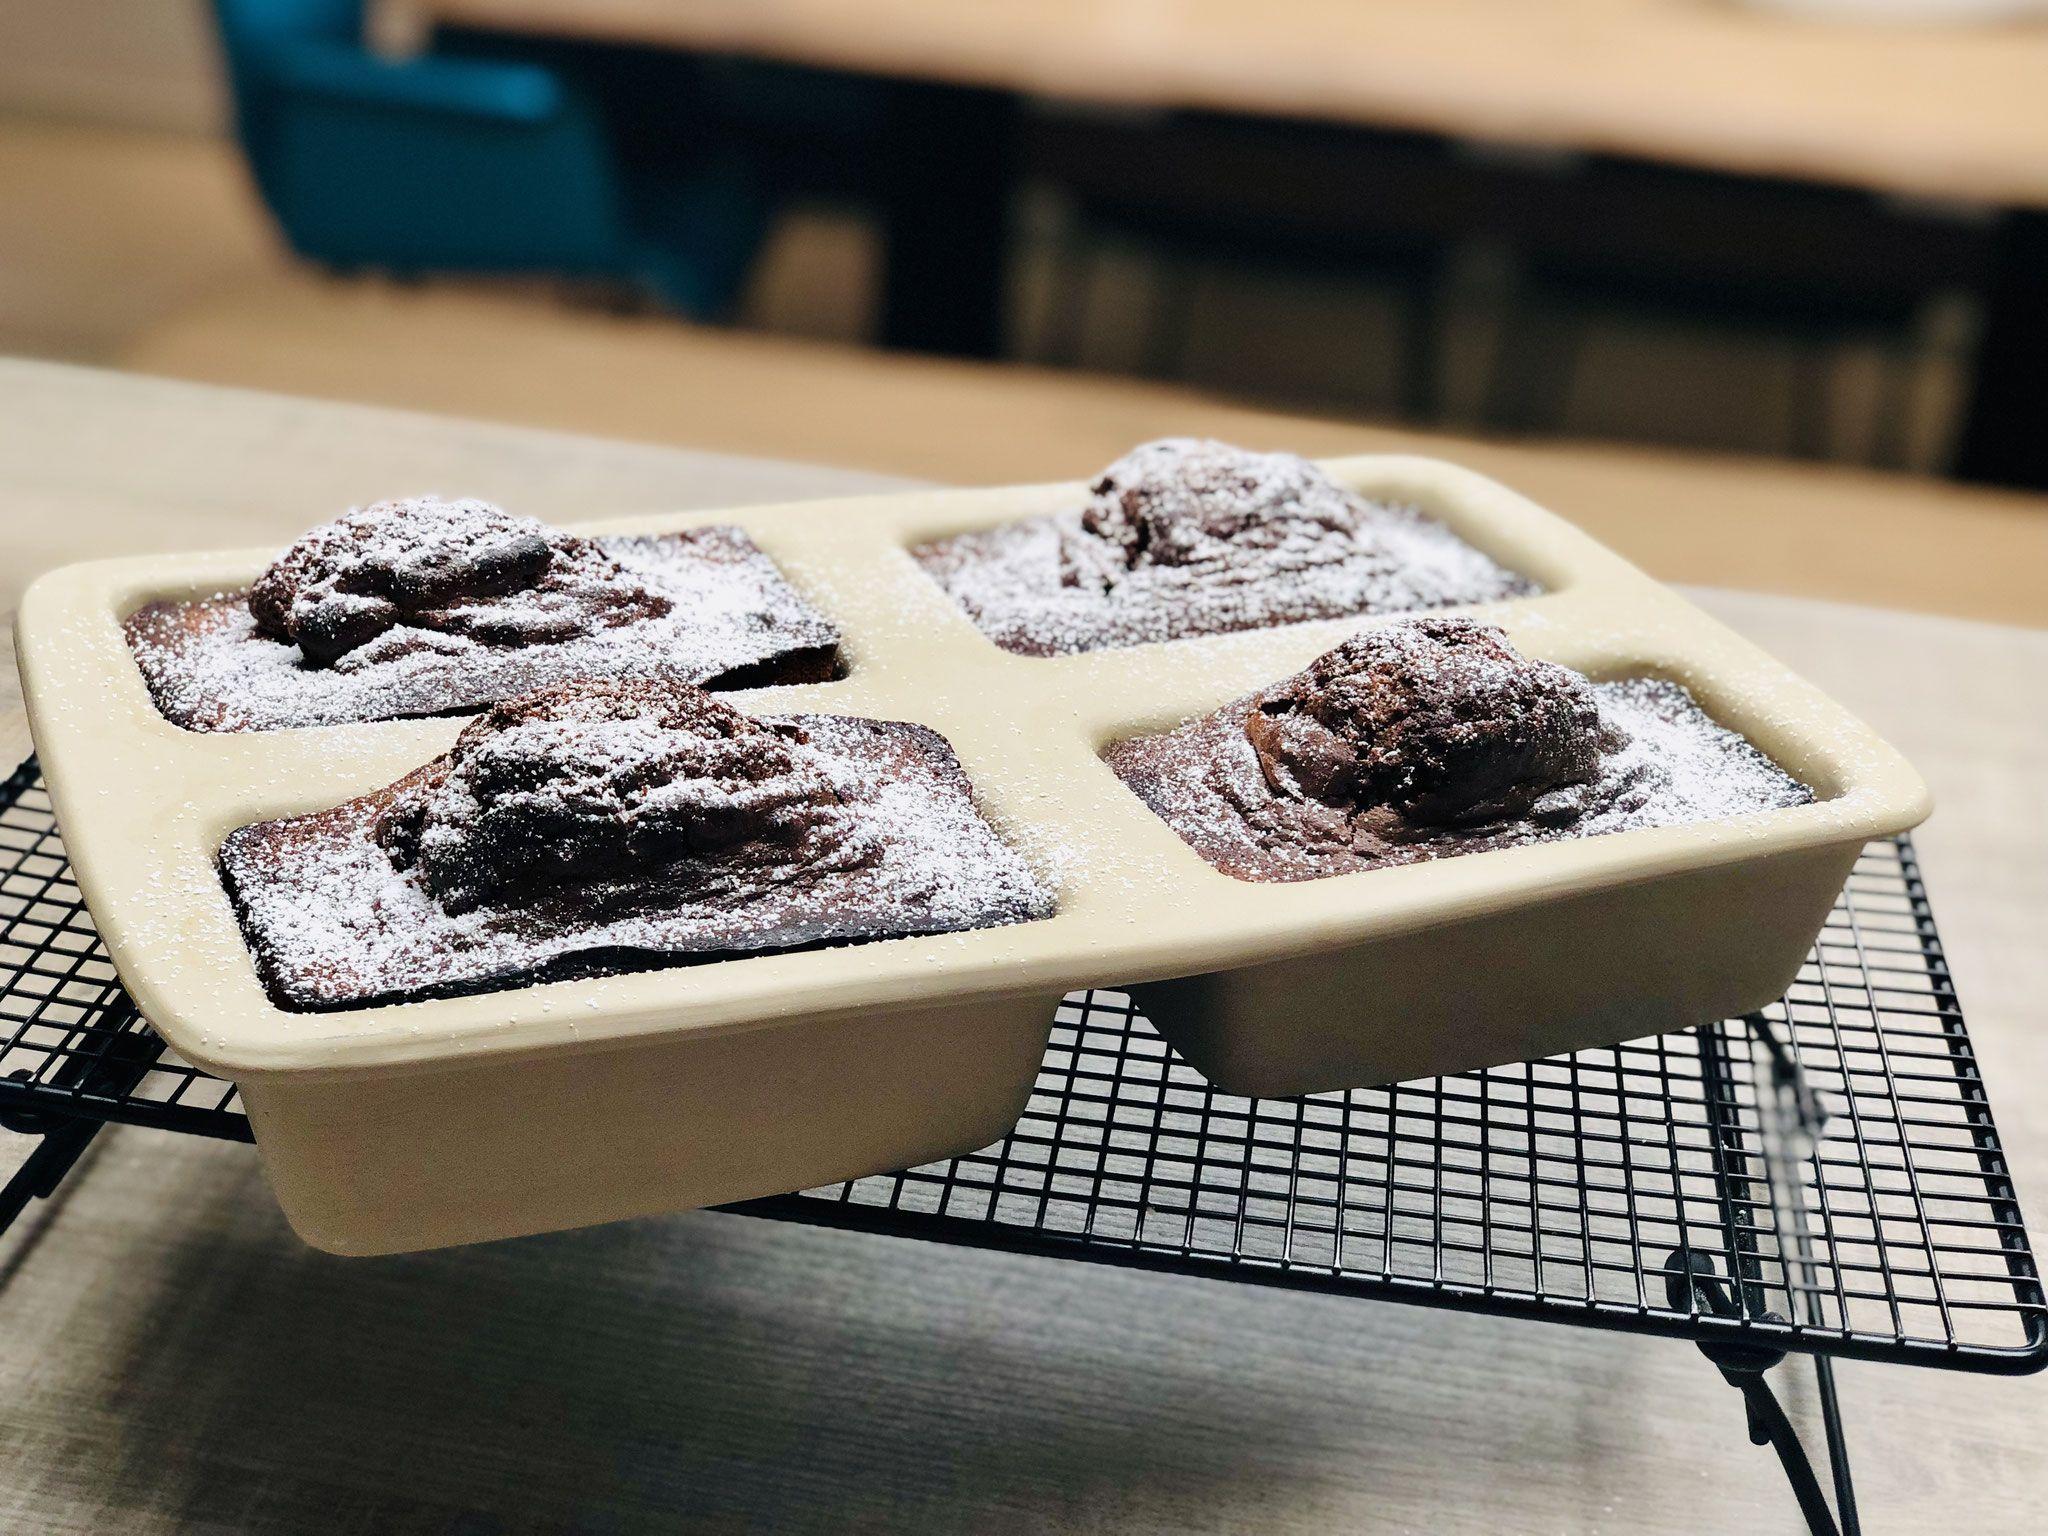 Saftigster Marmorkuchen Der Welt Aus Der Mini Kastenform Ehem 4er Zauberkastch Von Pampered Chef Pamperedc Kuchen Rezepte Blechkuchen Marmorkuchen Kuchen